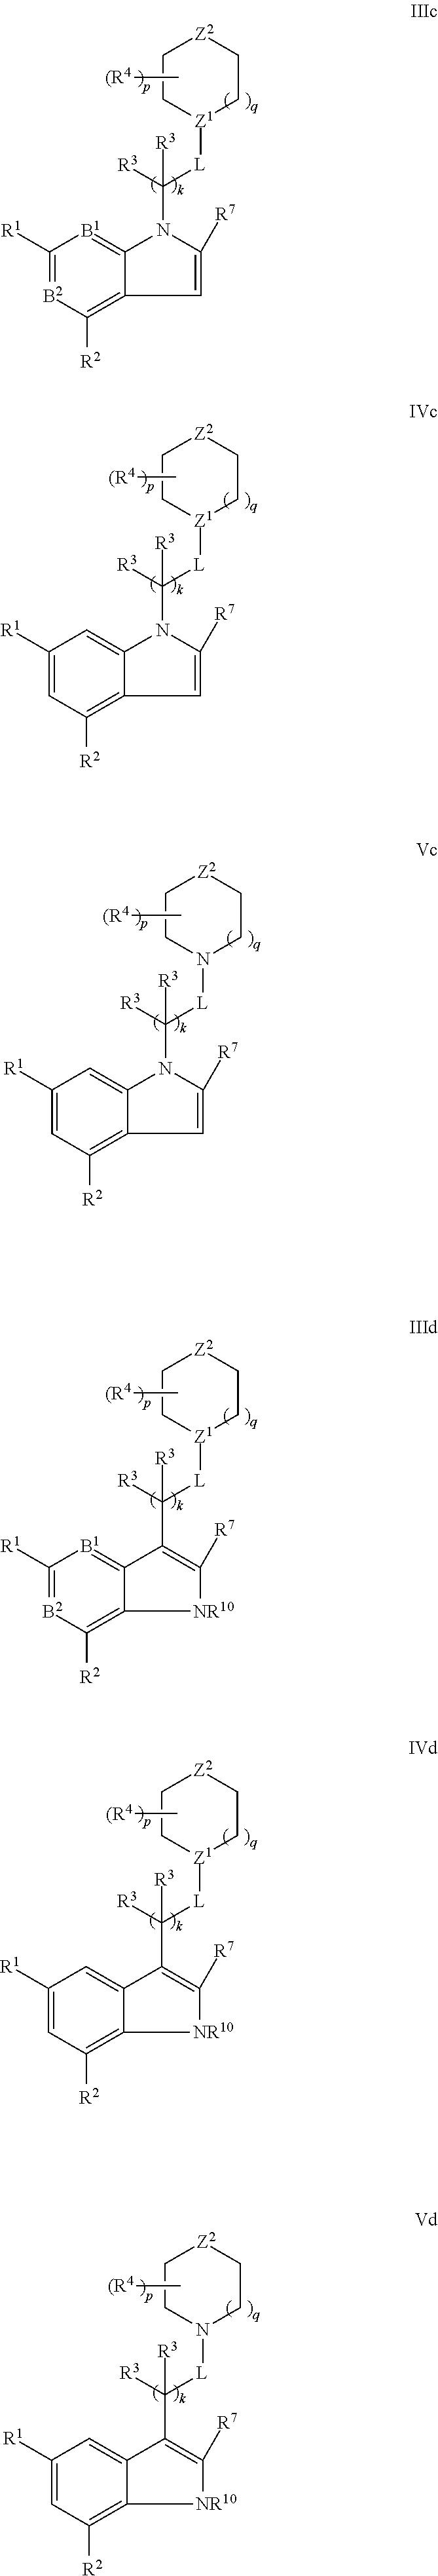 Figure US20190106394A1-20190411-C00007